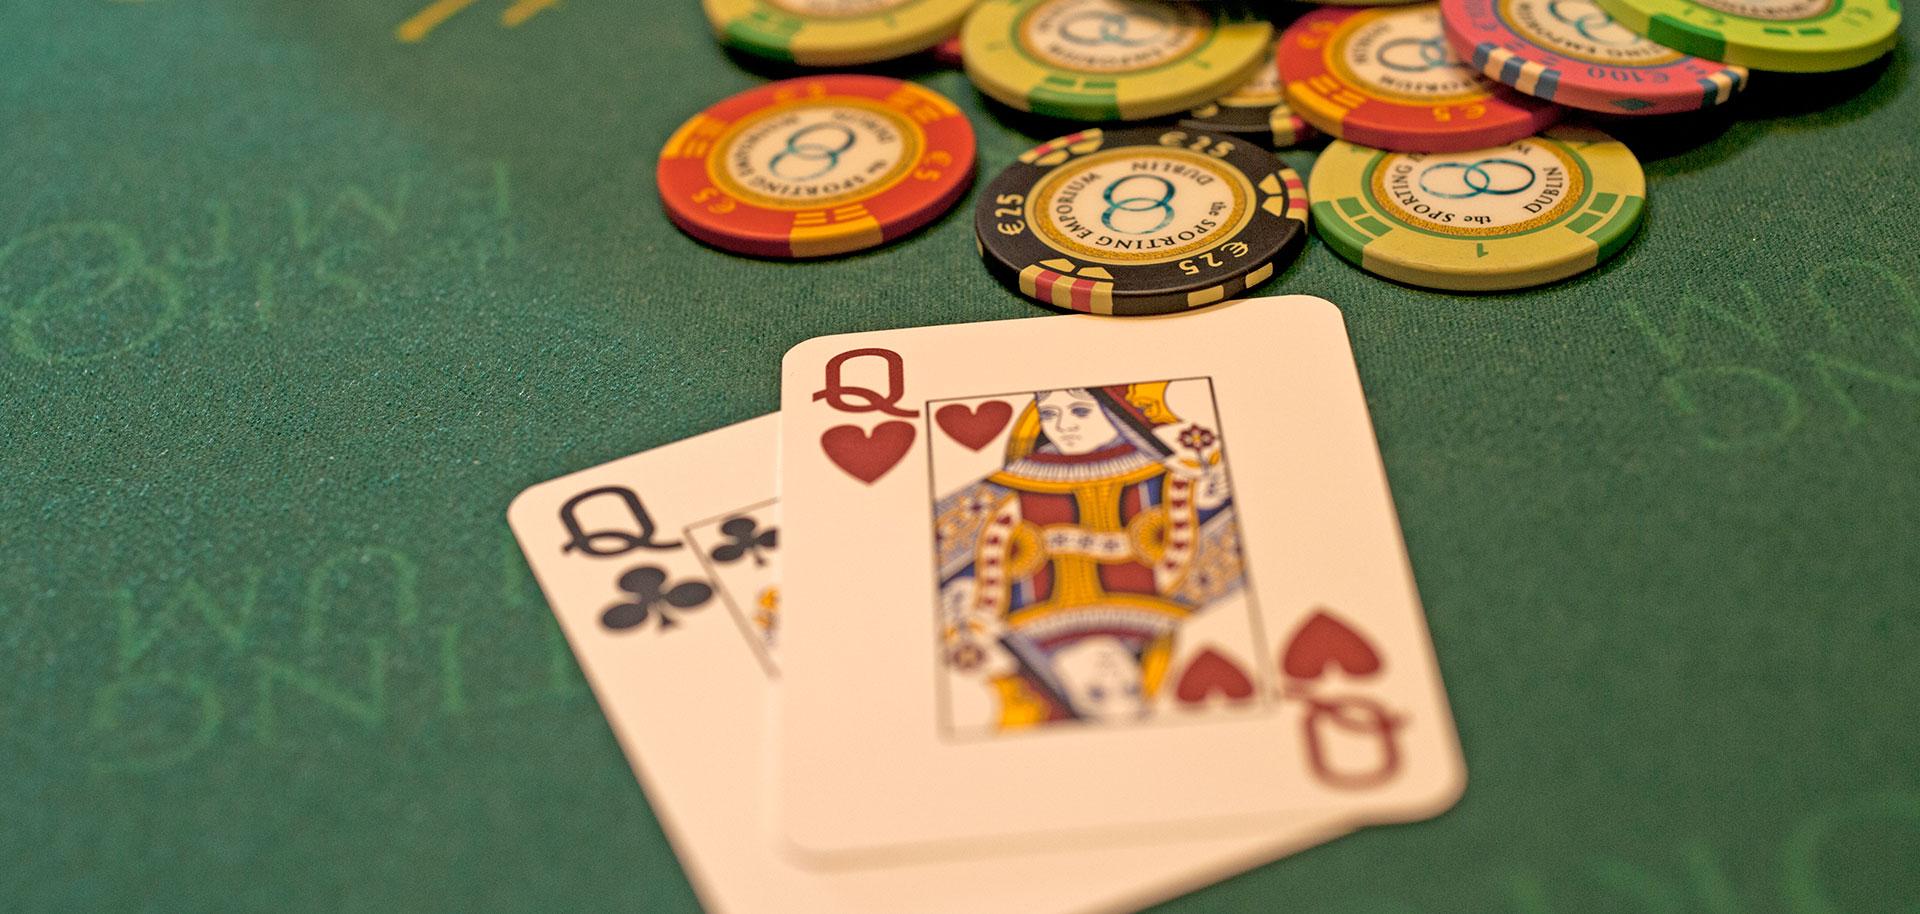 Winning Cards